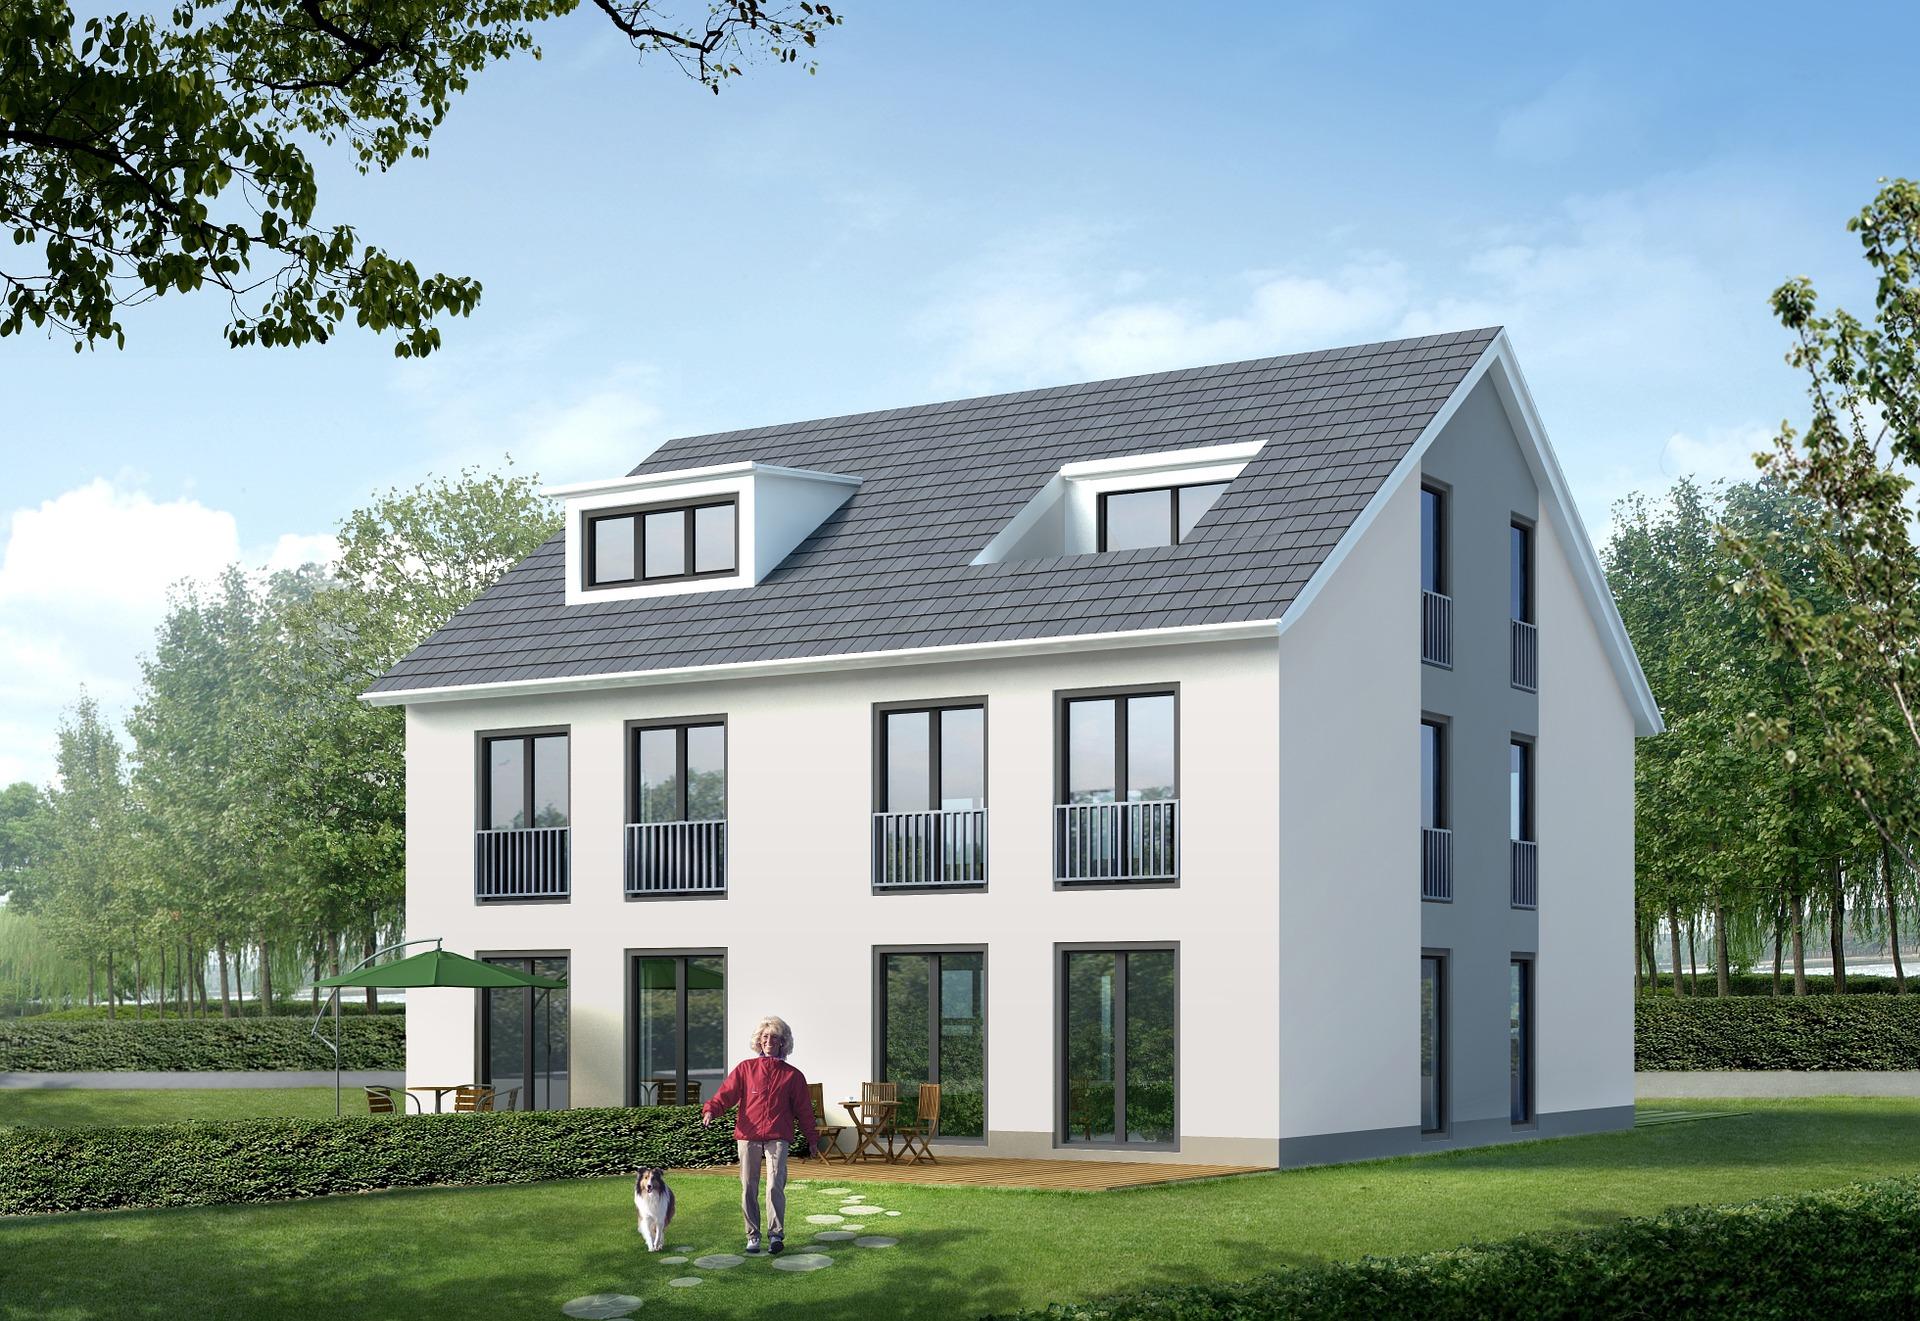 Doppelhaushälfte bauen in Leipzig, Halle und Umgebung